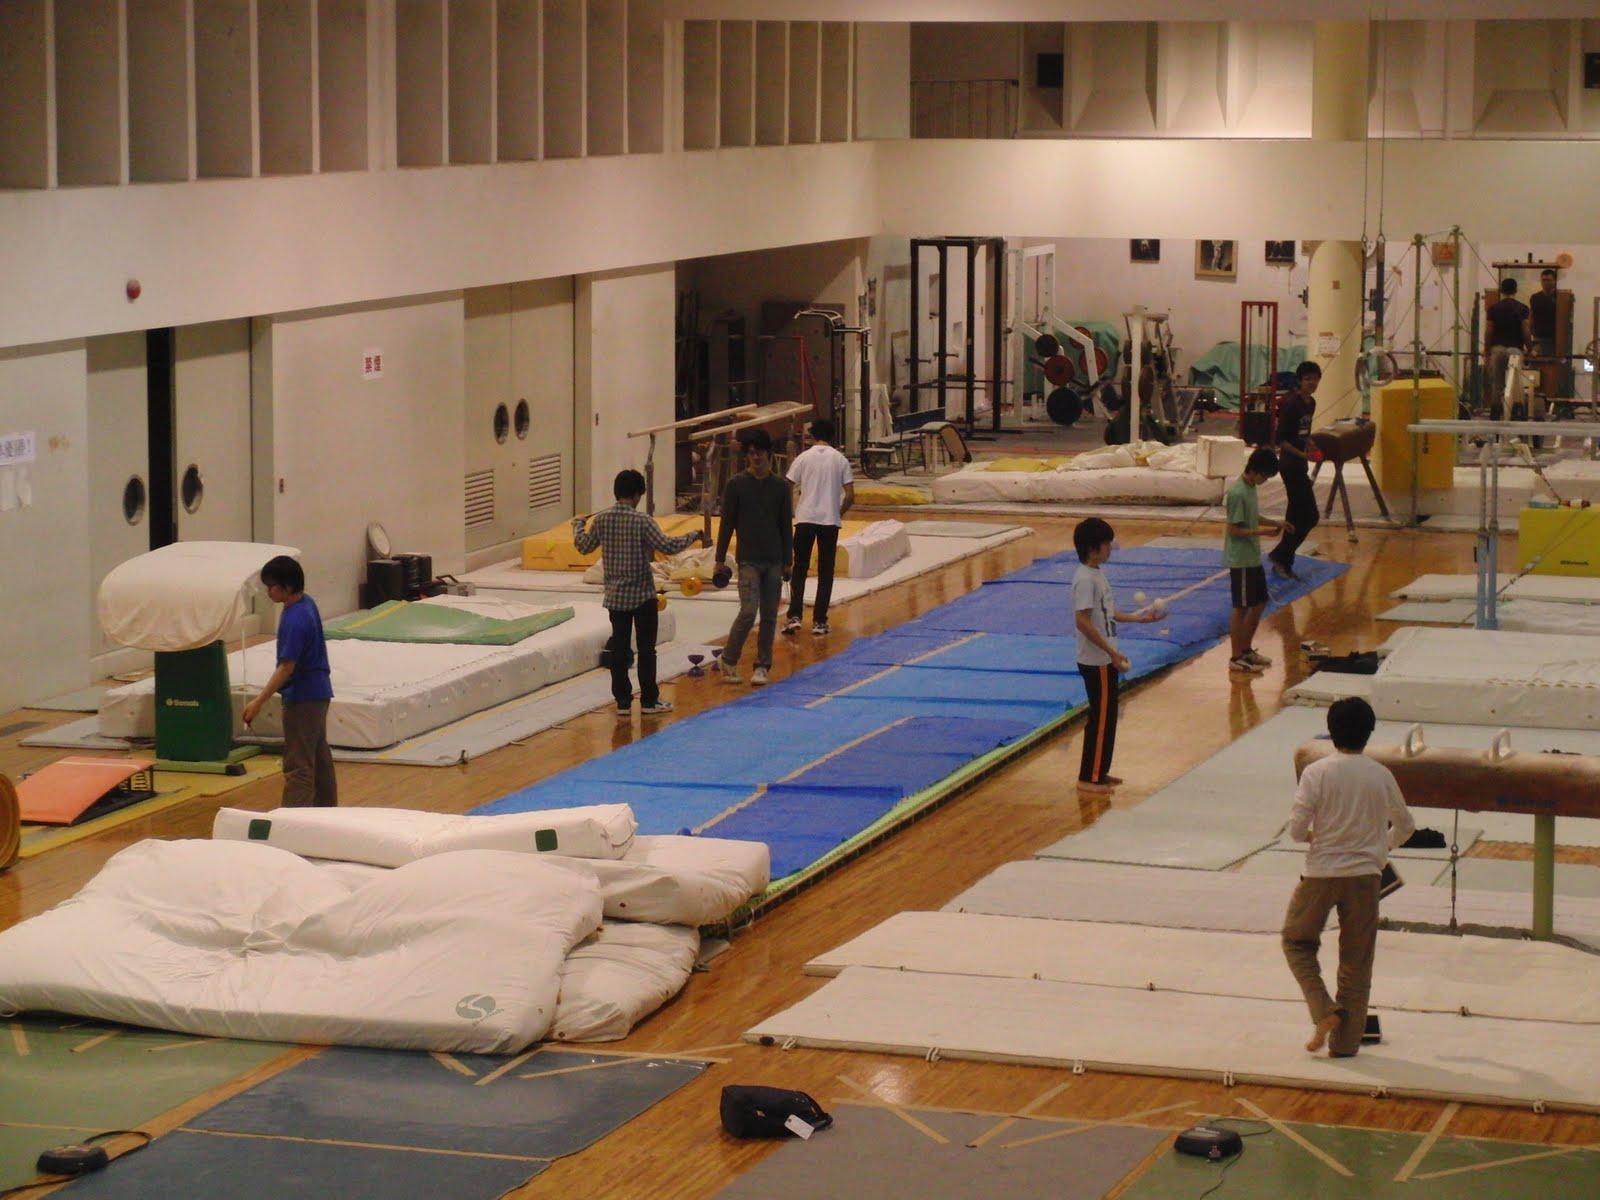 Pabellón deportivo universidad de Kyodai